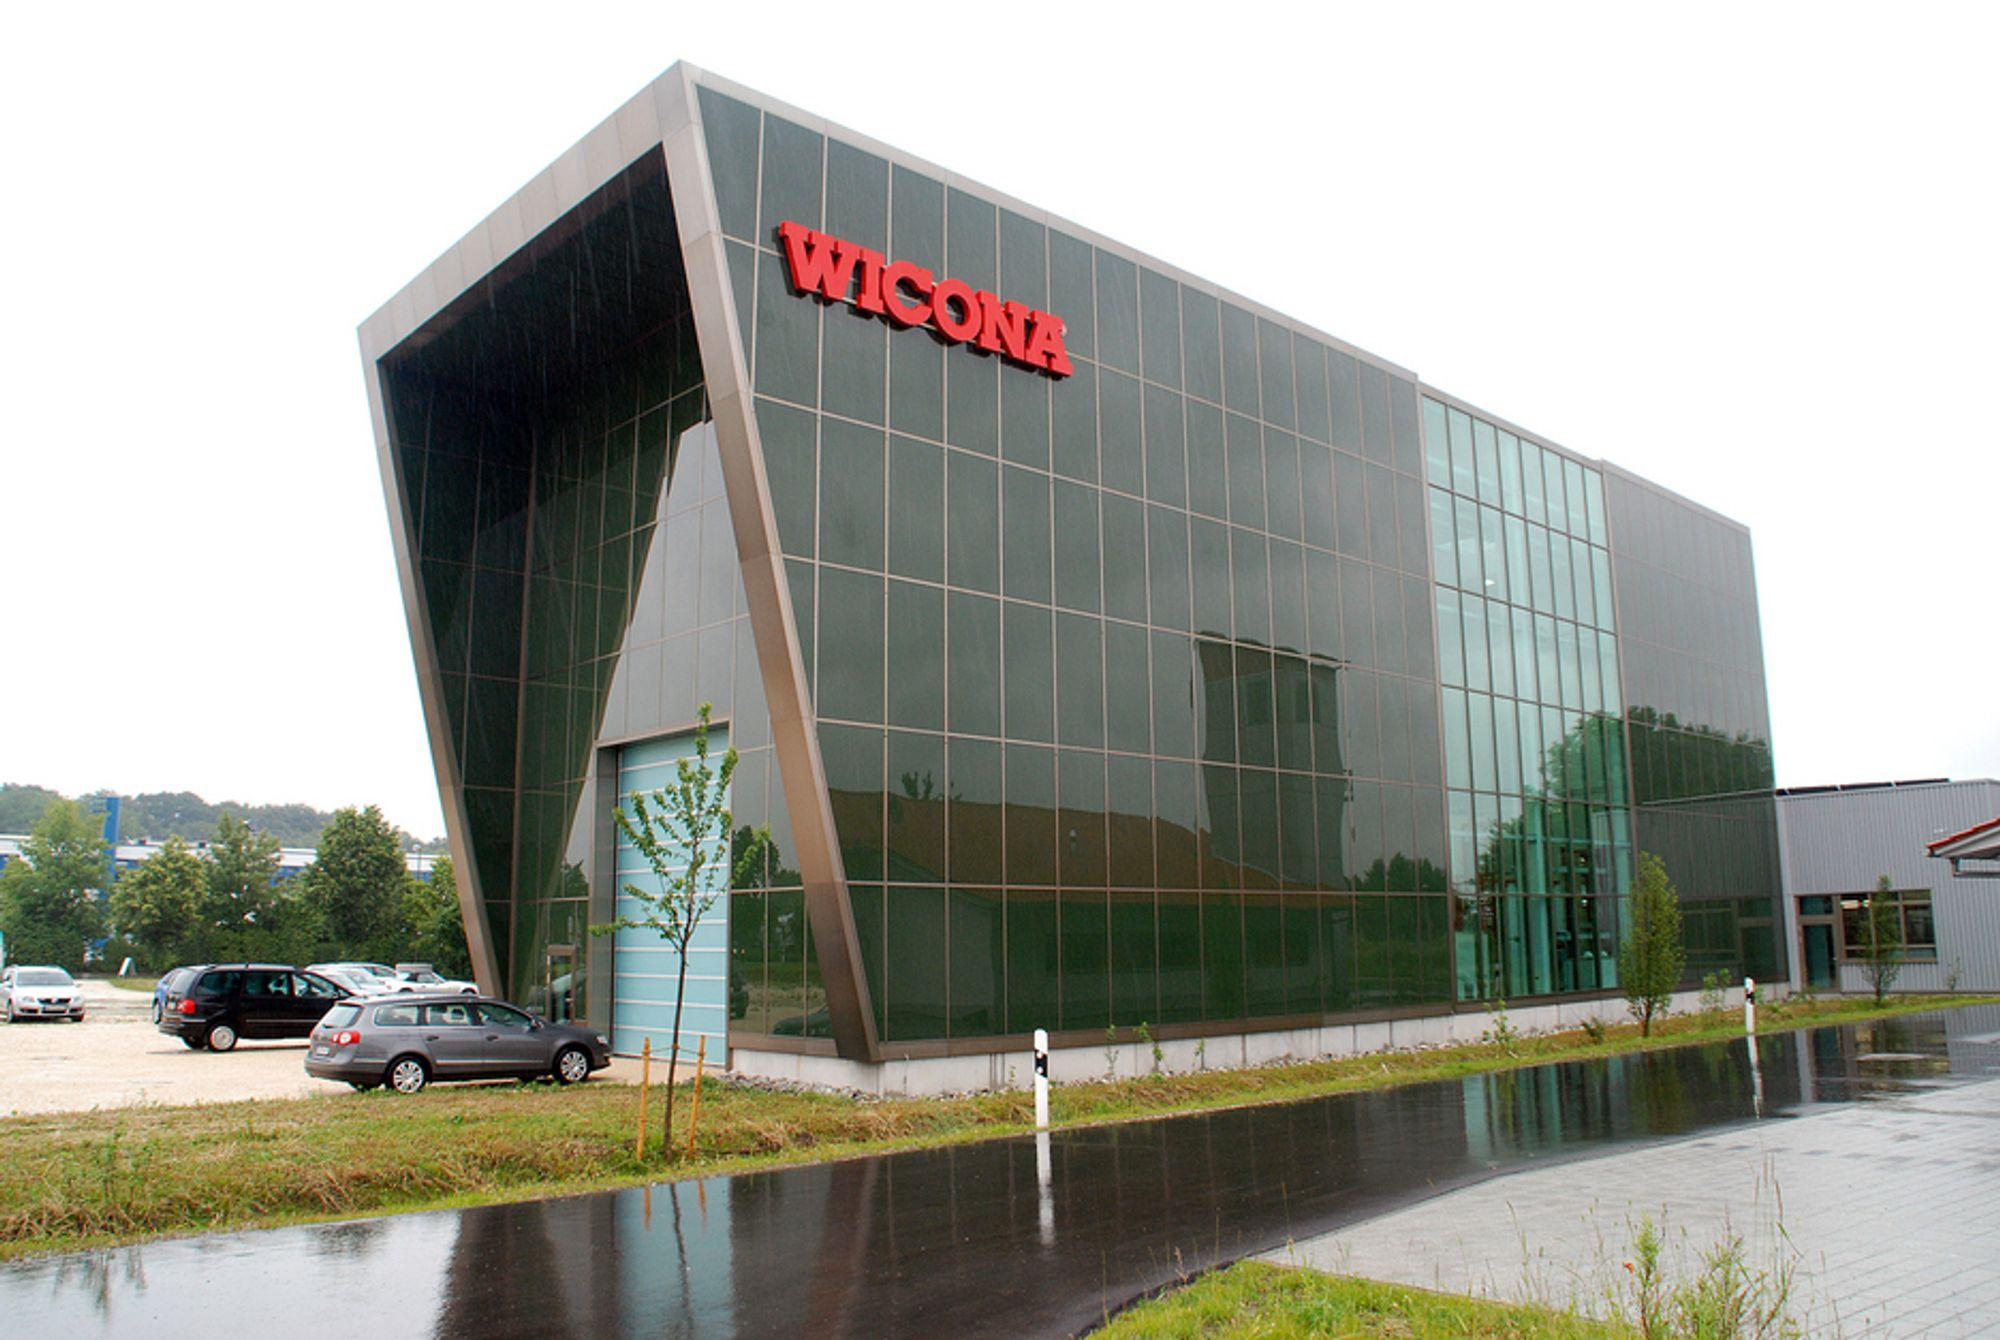 PLUSSBYGG: Hydros Wicona testsenter i Tyskland er selskapets første plussbygg: Et bygg som produserer mer energi enn det bruker.